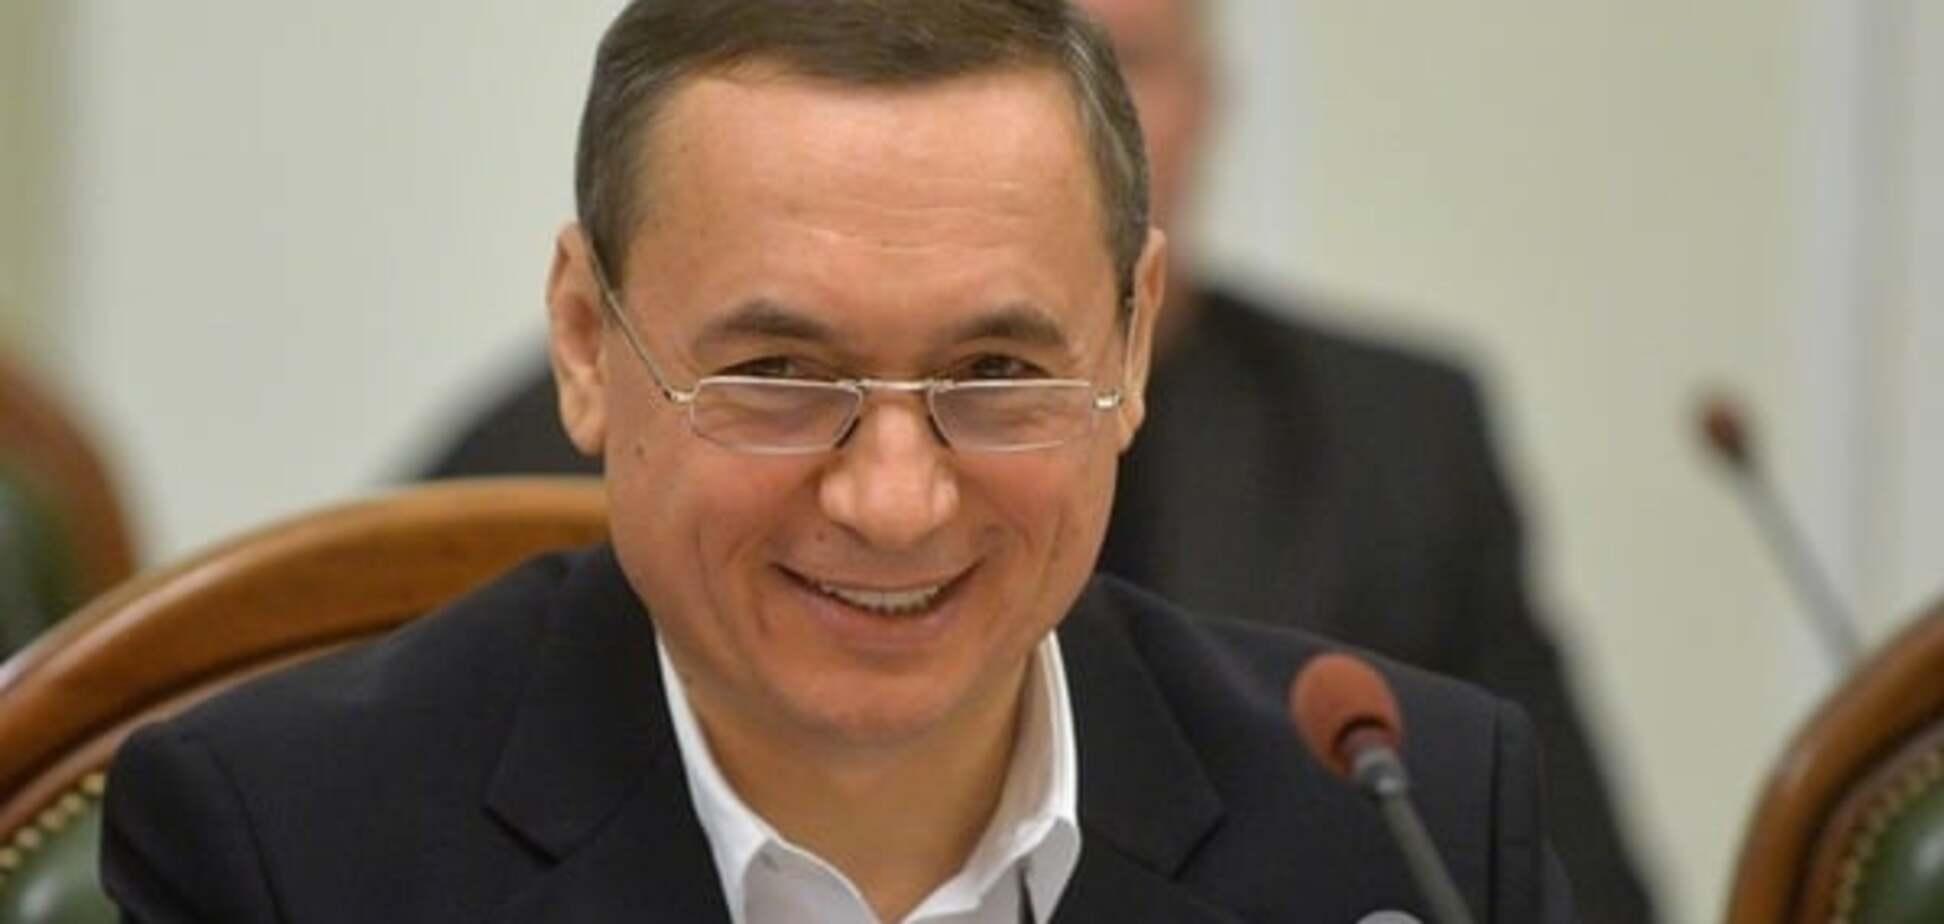 'Вы - олигарх?' - 'Нет, я костяк государственности'. Николай Мартыненко начал смешную кампанию самоотбеливания